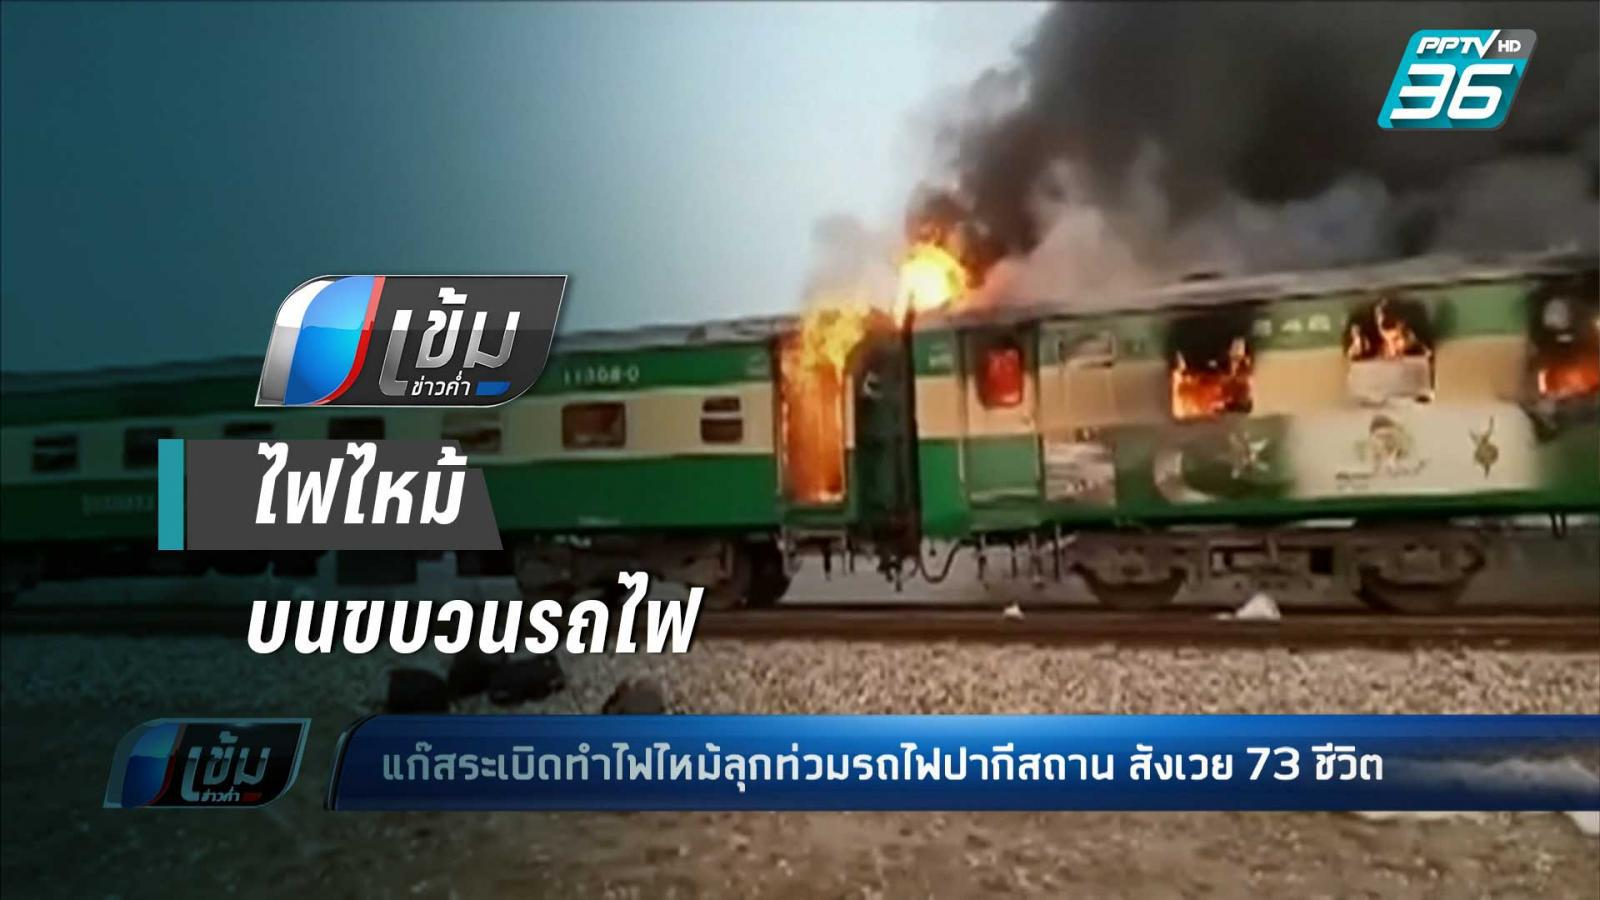 แก๊สระเบิด บนขบวนรถไฟปากีสถาน ตายแล้ว 73 คน